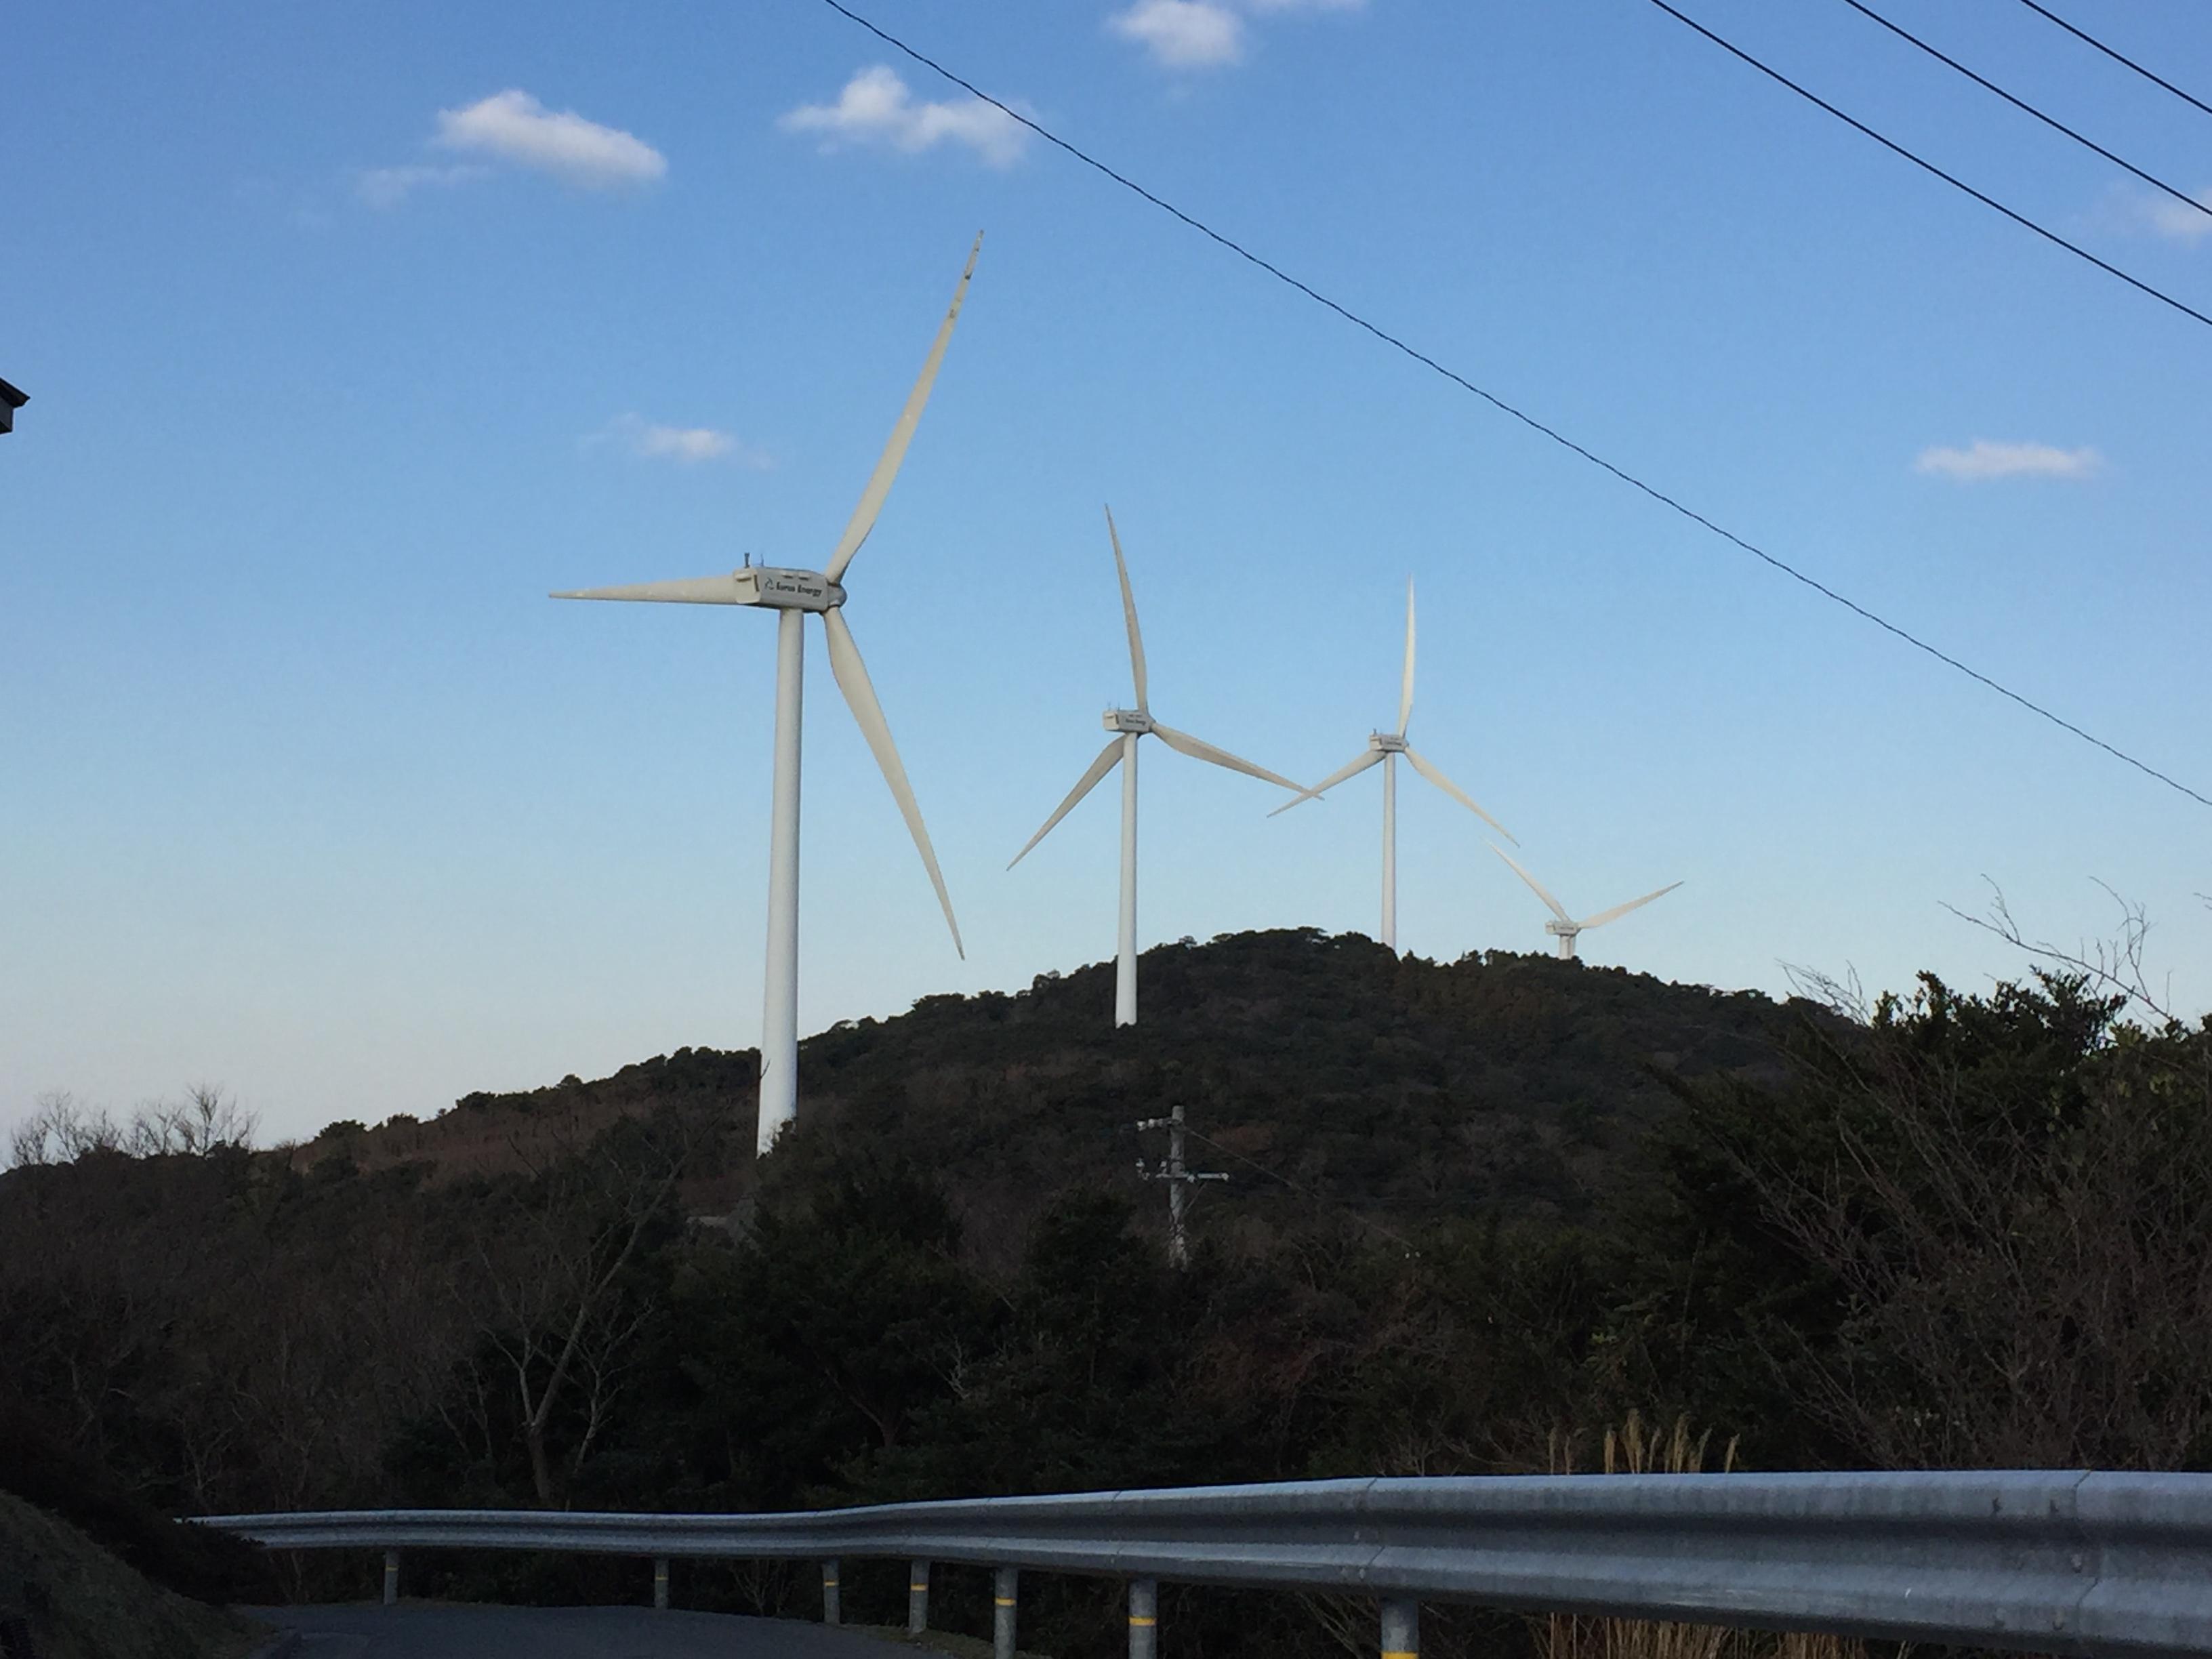 キャンプシーズン到来!四国最西端の佐田岬半島にあるロッジ「瀬戸アグリトピア」が使いやすくてかなりヤバイ!